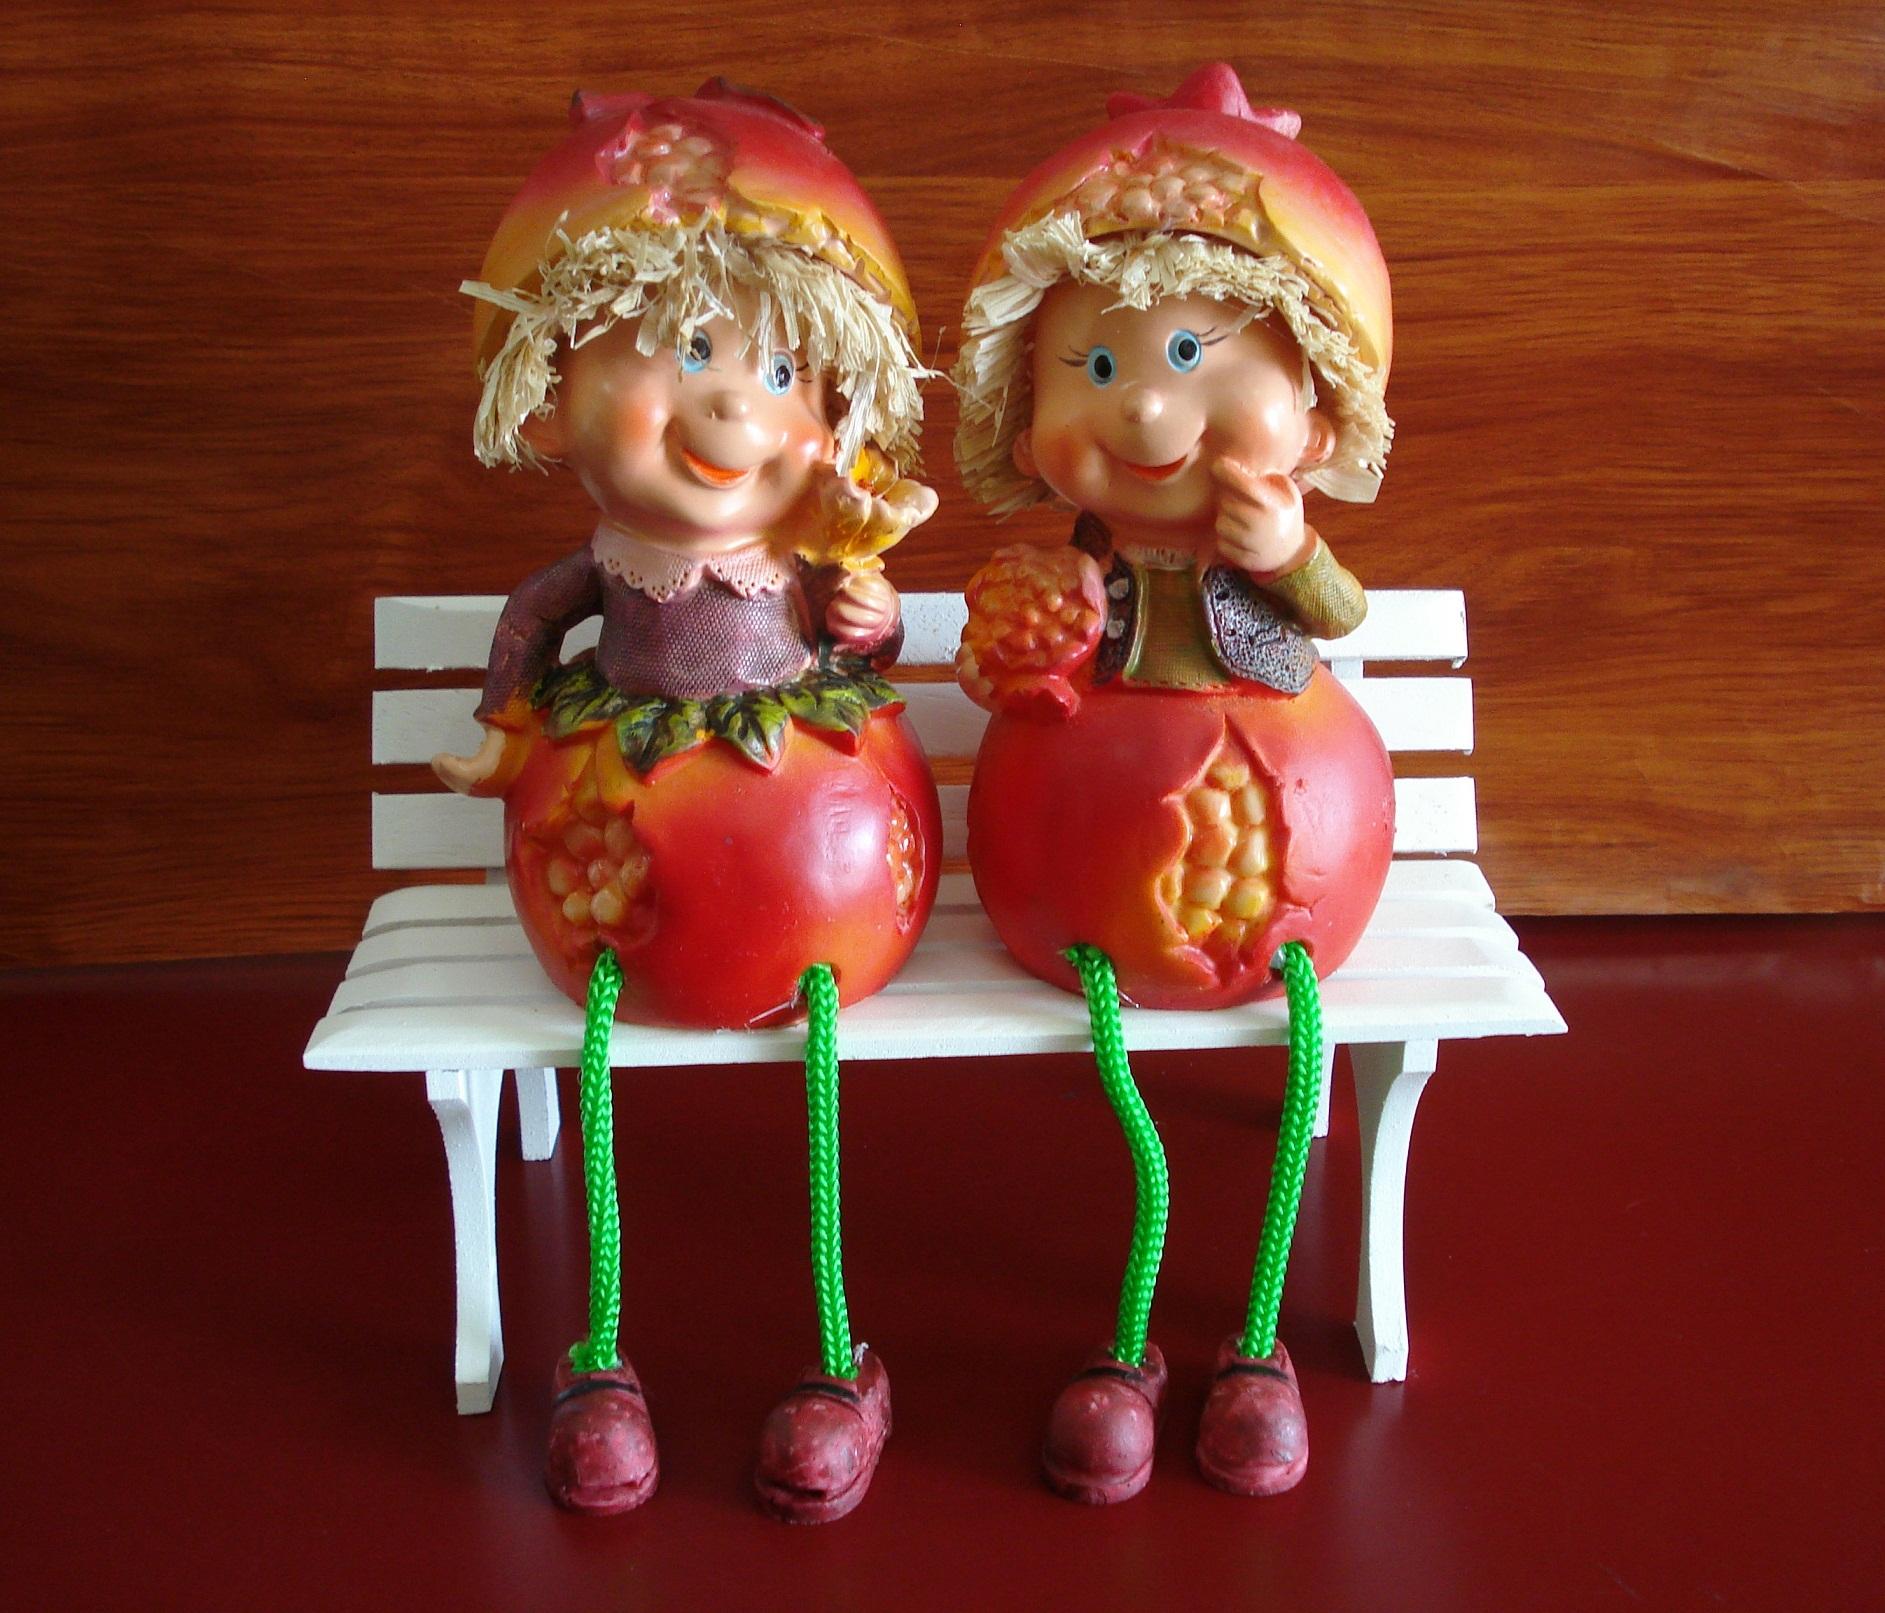 Enfeite De Frutas ~ Enfeite Fruta Rom u00e3 Perna Mole Mari Presentes Elo7